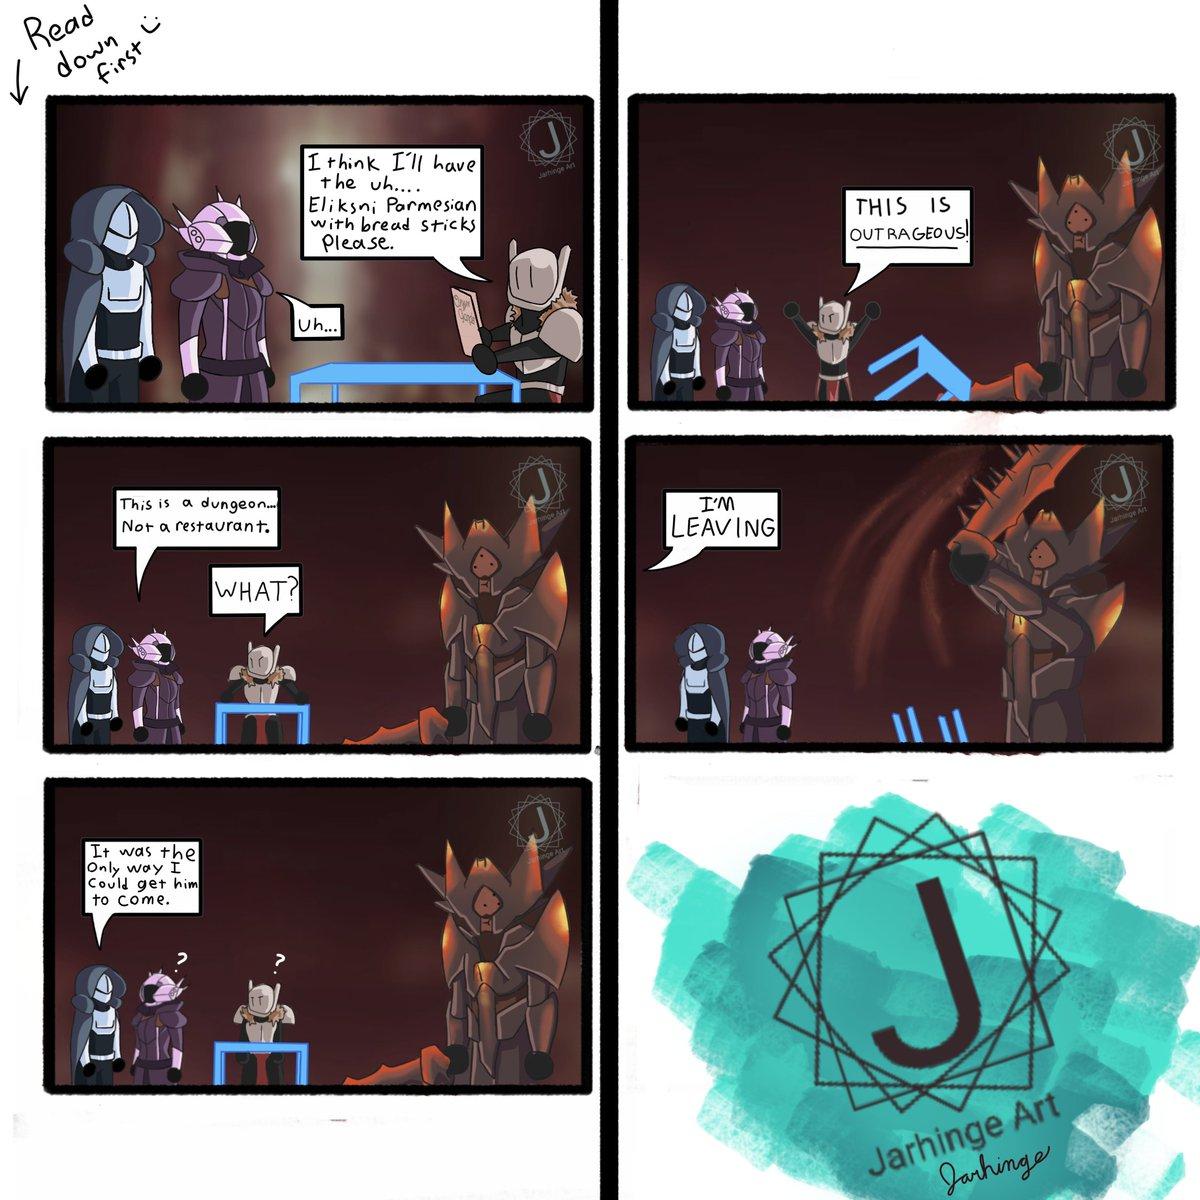 """""""This isn't Oryx Garden..."""" - @JarhingeArt"""